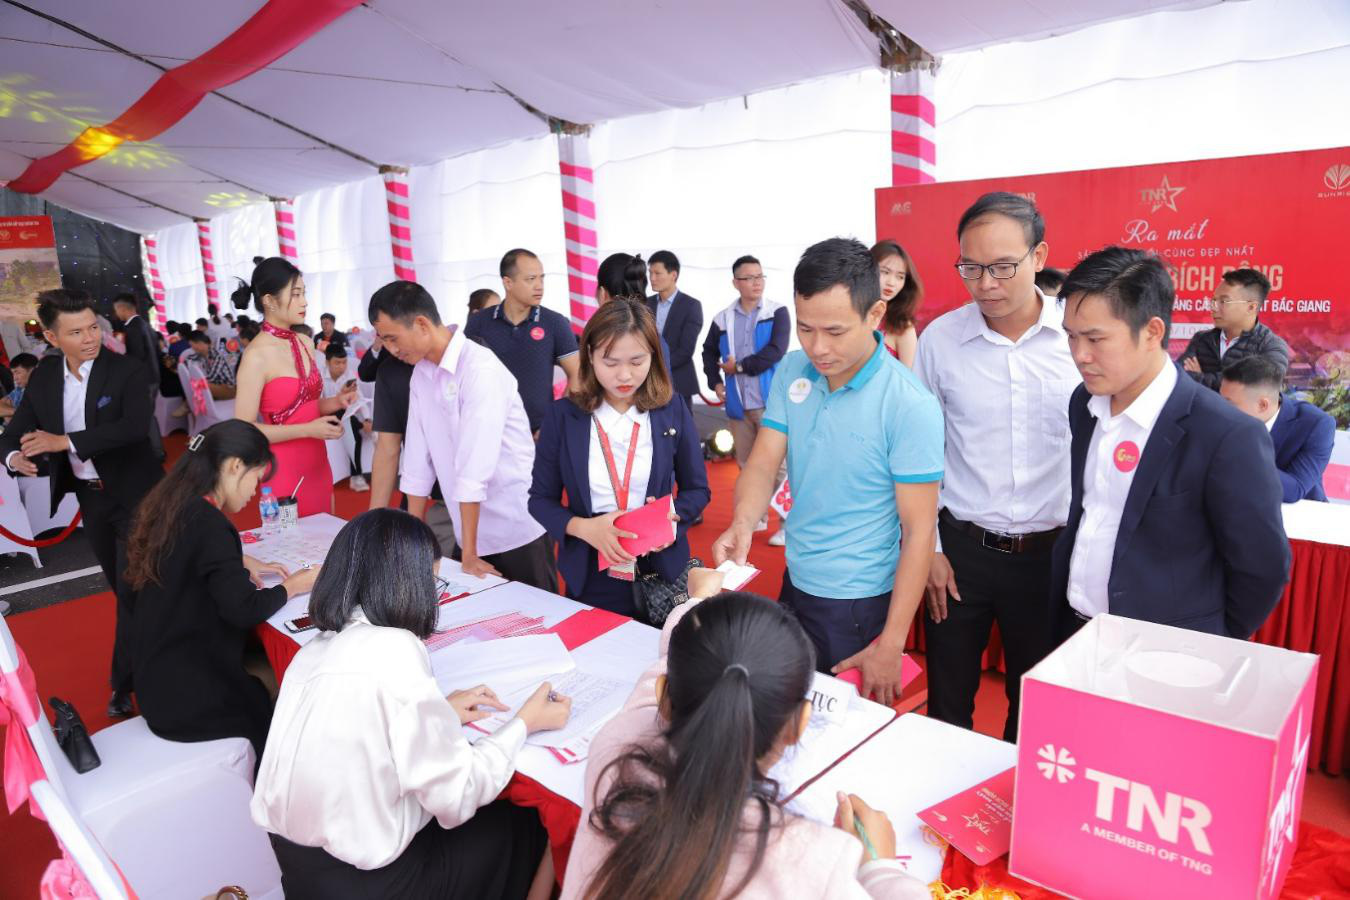 Giải mã sức hút của TNR Stars Bích Động tại thị trường Bắc Giang - Ảnh 2.